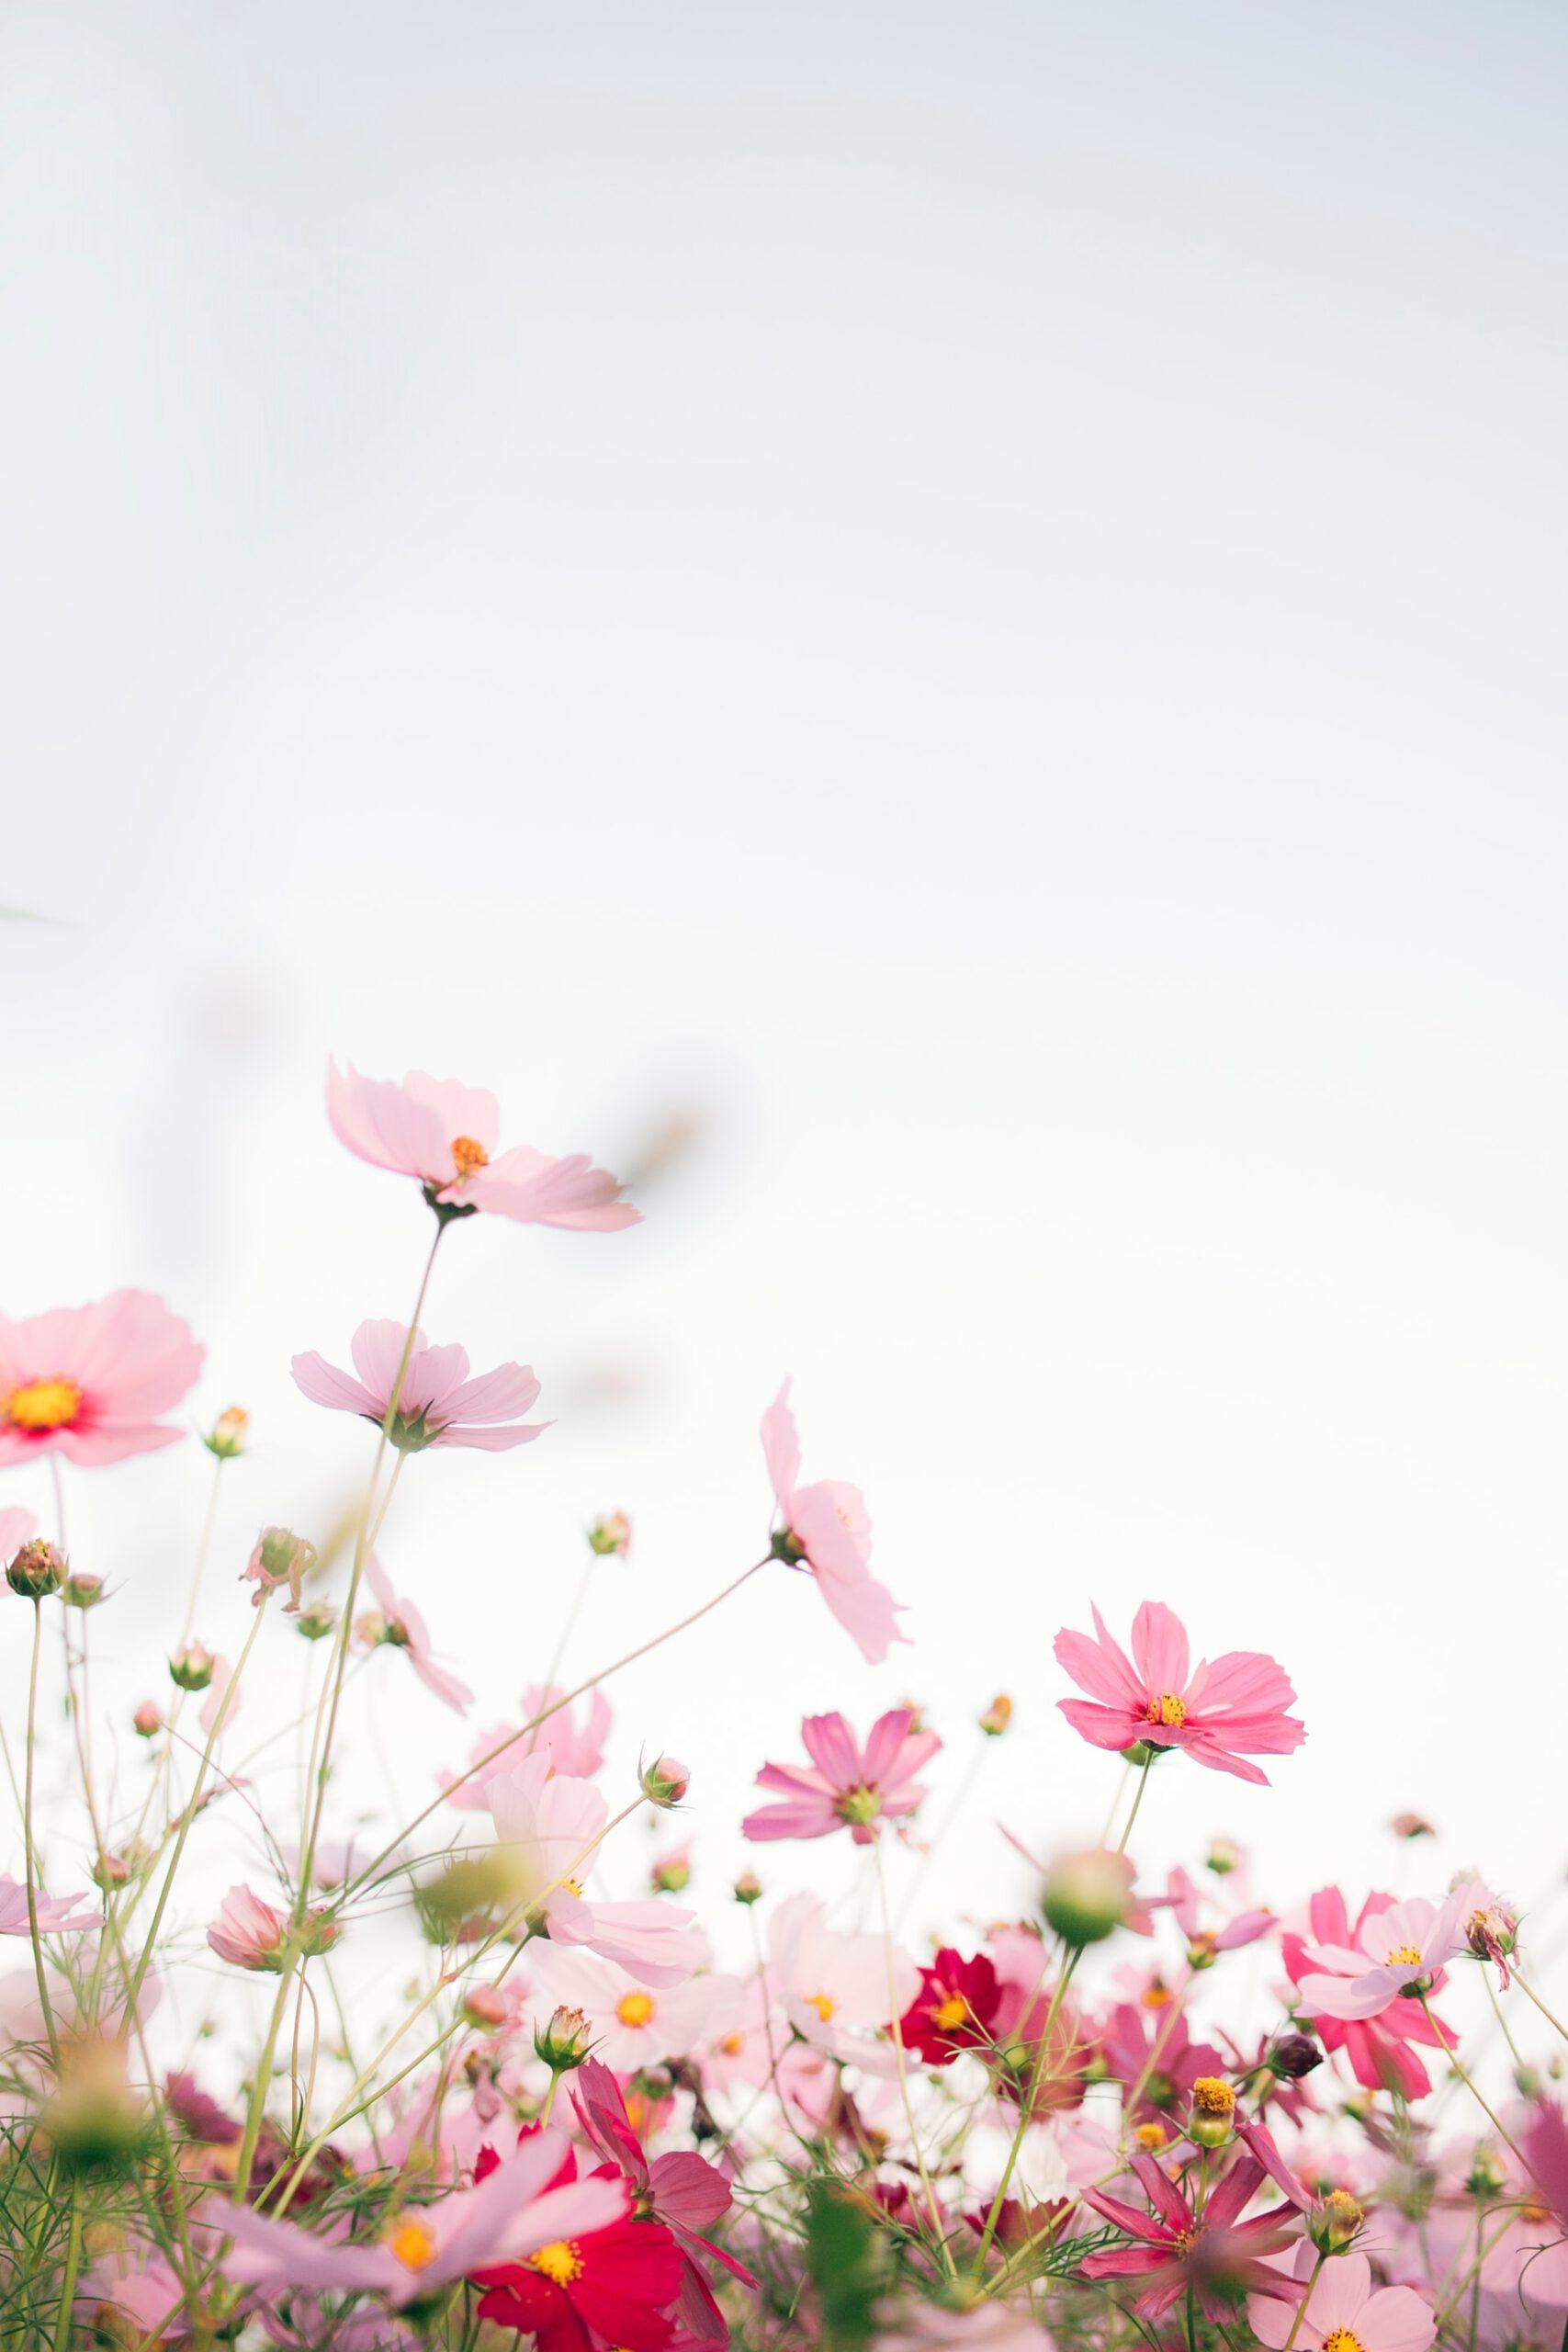 15 Self Care Ideen für den Frühling - nimm dir Zeit für dich und dein Wohlbefinden!